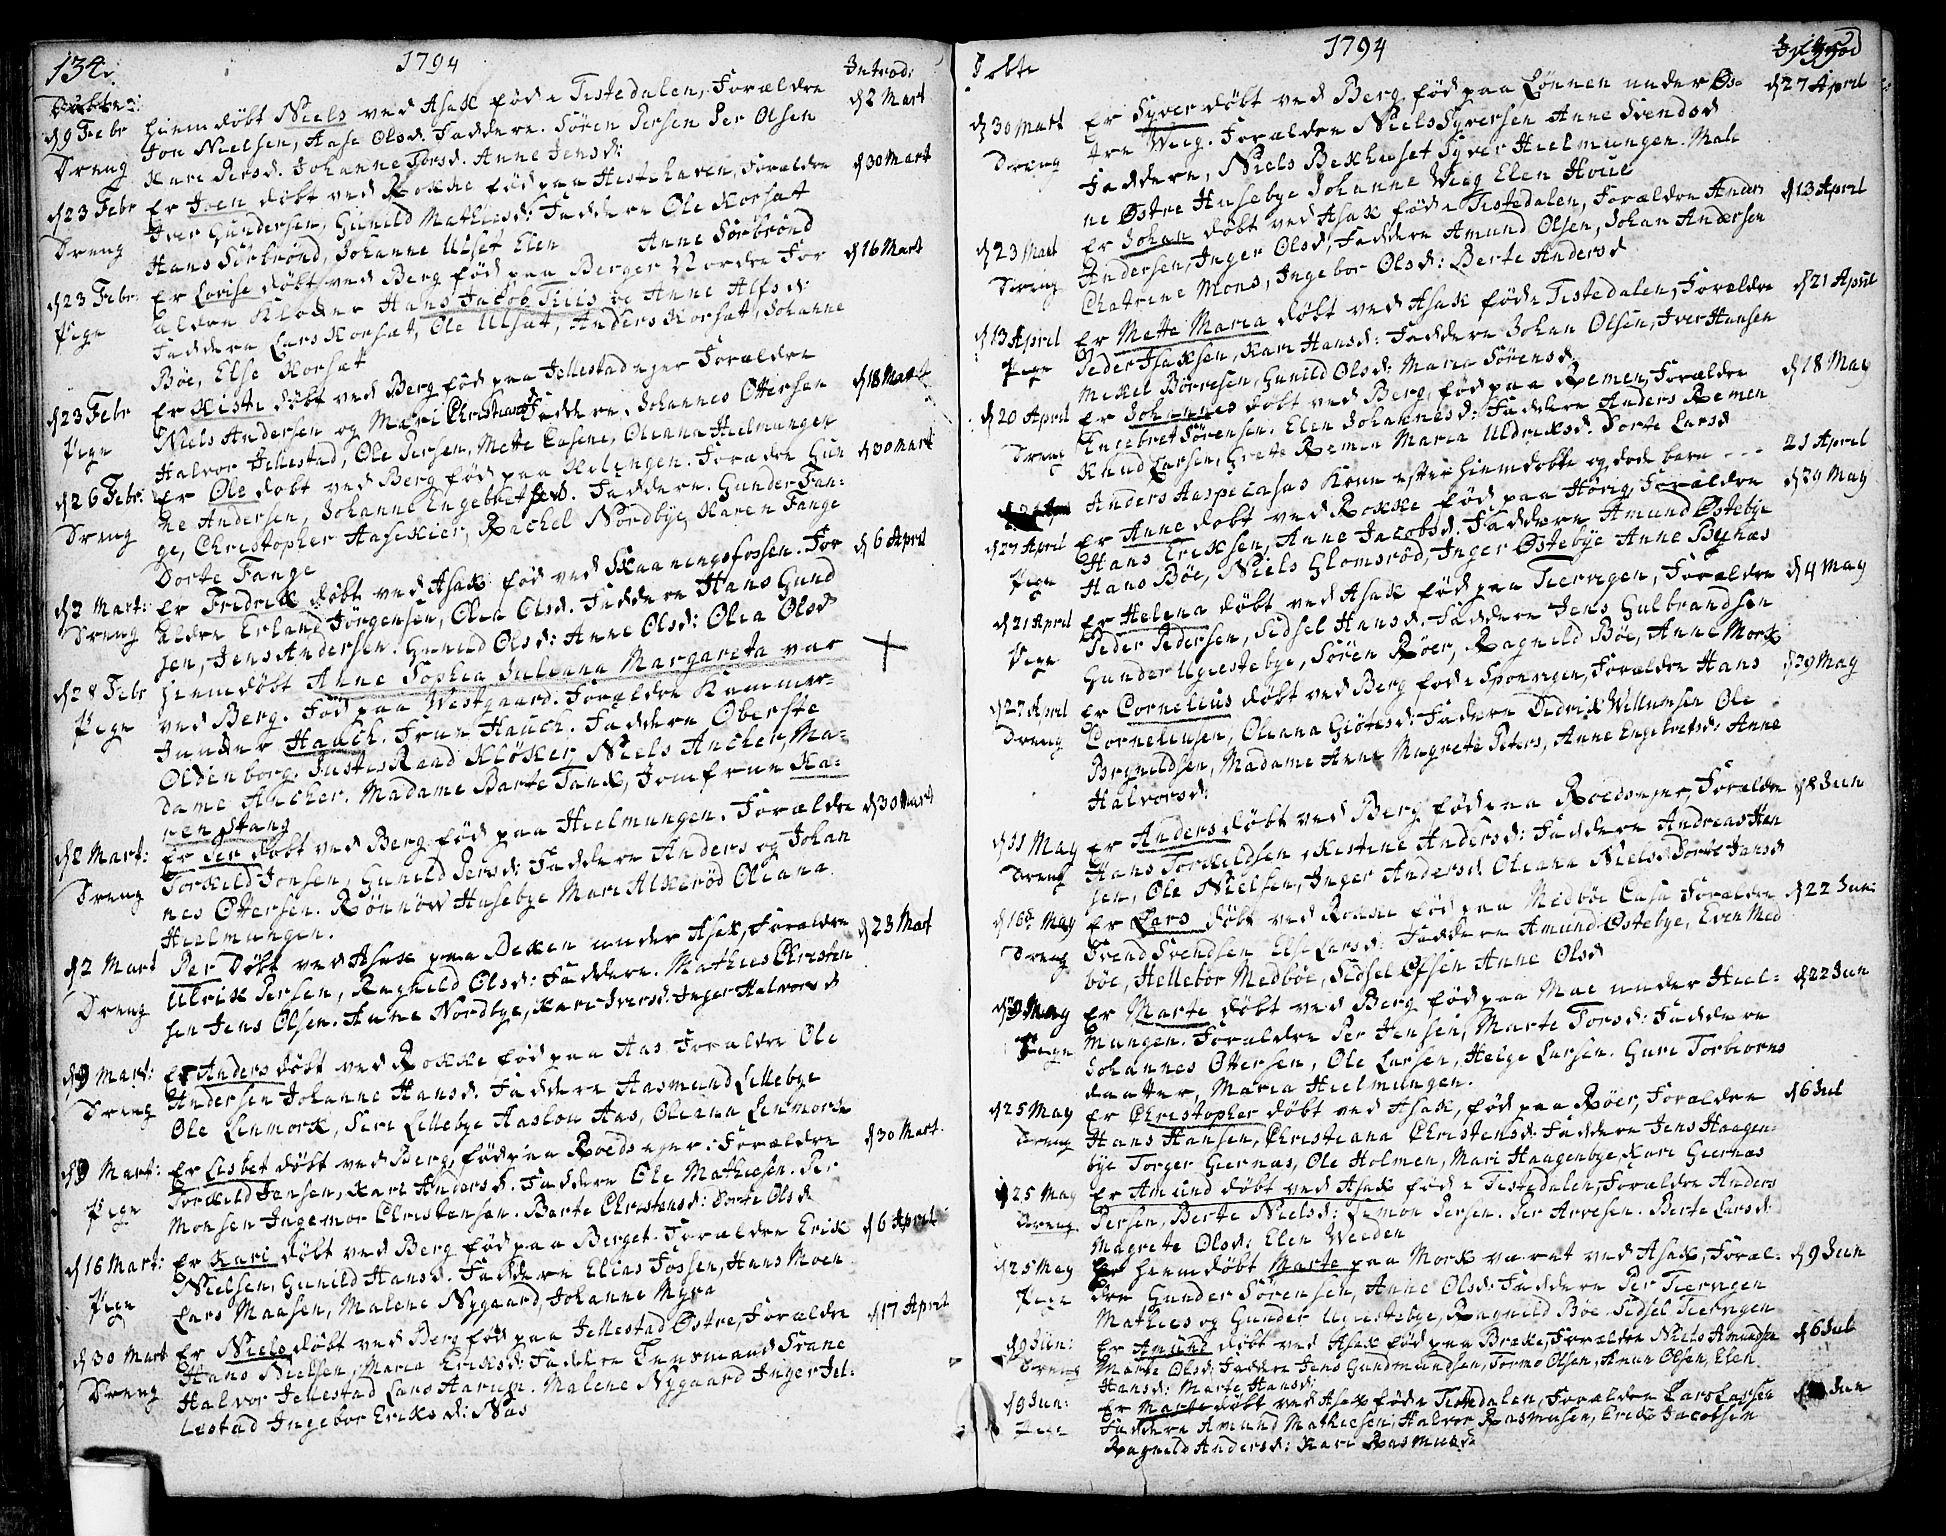 SAO, Berg prestekontor Kirkebøker, F/Fa/L0001: Ministerialbok nr. I 1, 1770-1814, s. 134-135